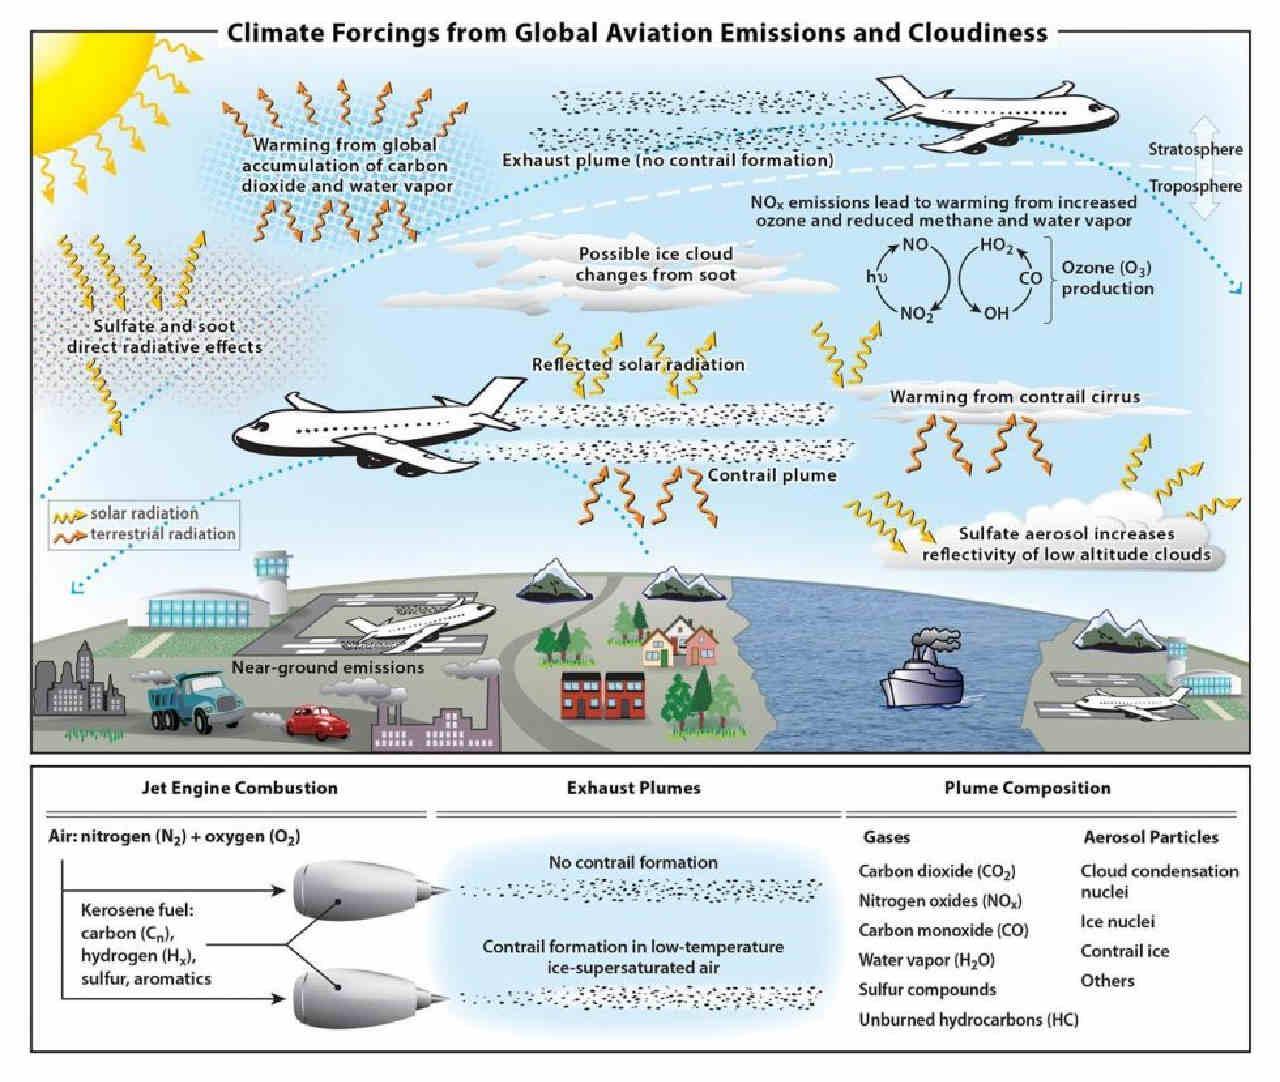 effetti aerei riscaldamento globale - Il traffico aereo contribuisce al 3,5% del riscaldamento globale